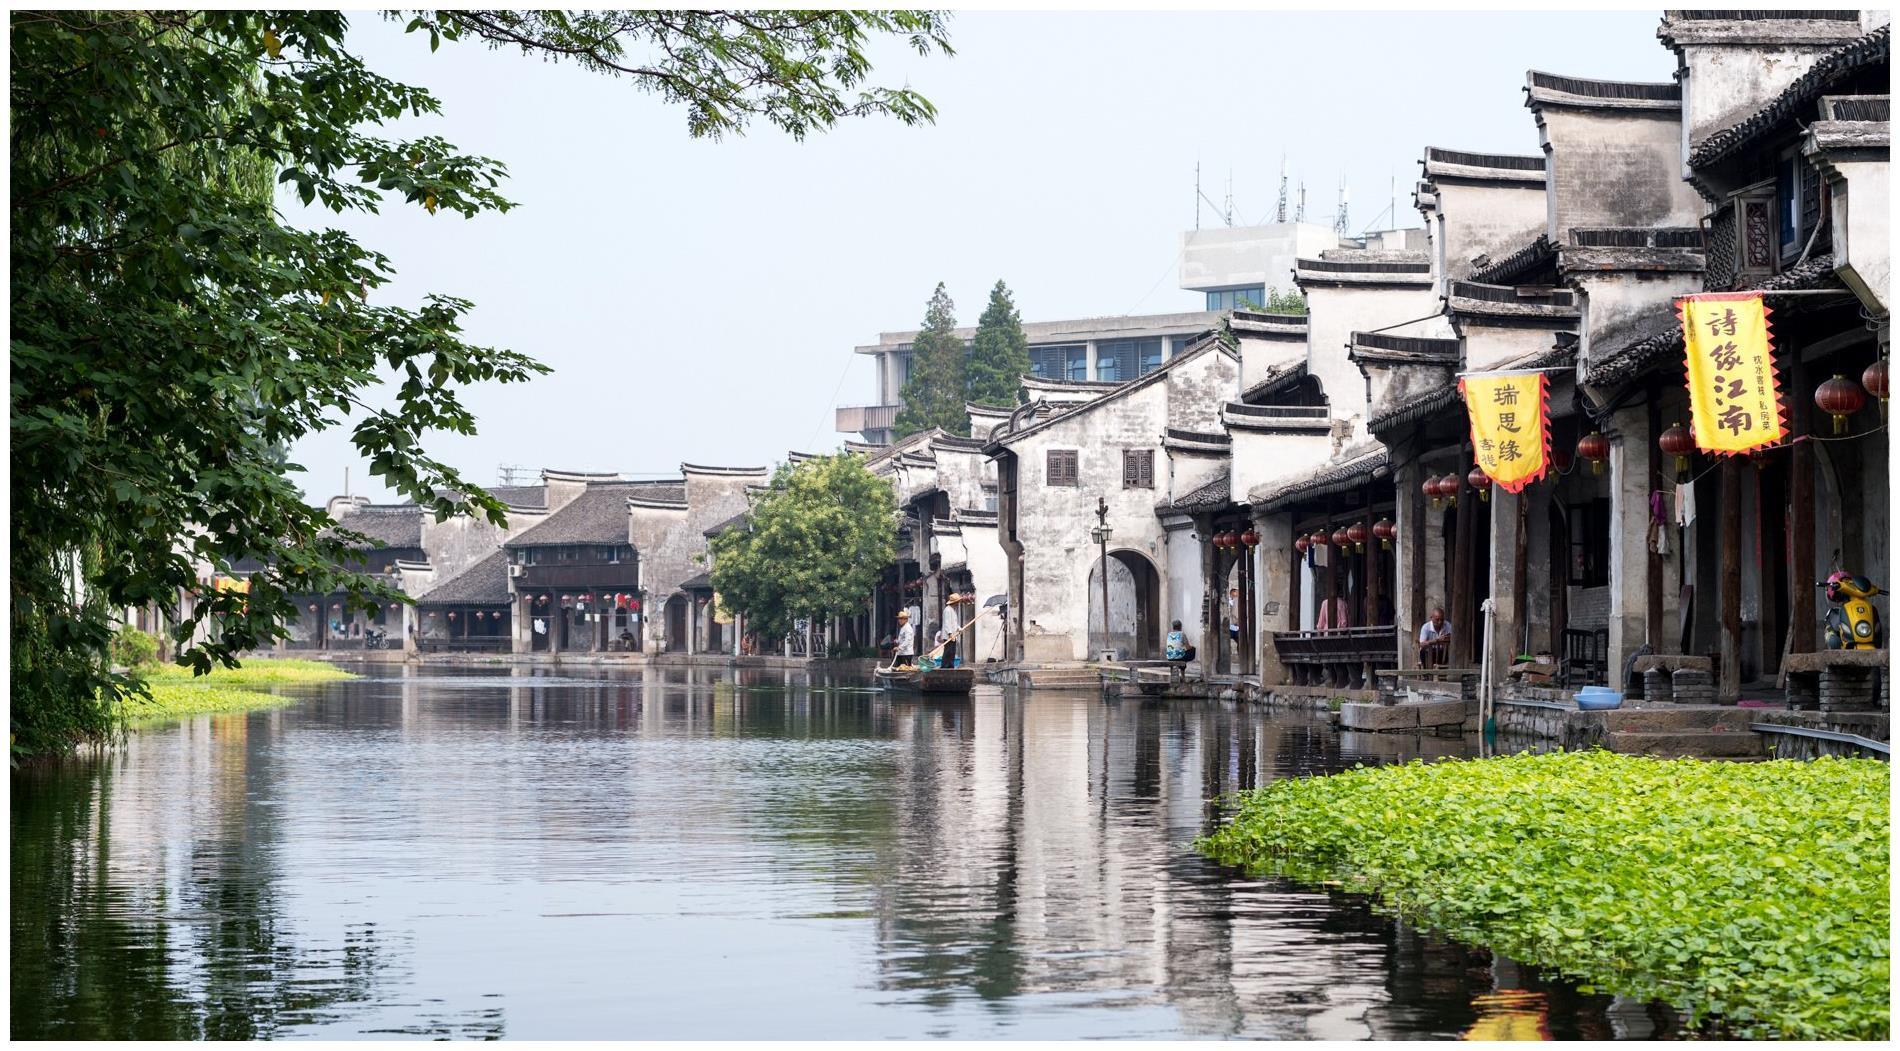 """浙江最美的中西合璧民宅,拥有房屋244间,被誉""""江南第一民宅"""""""